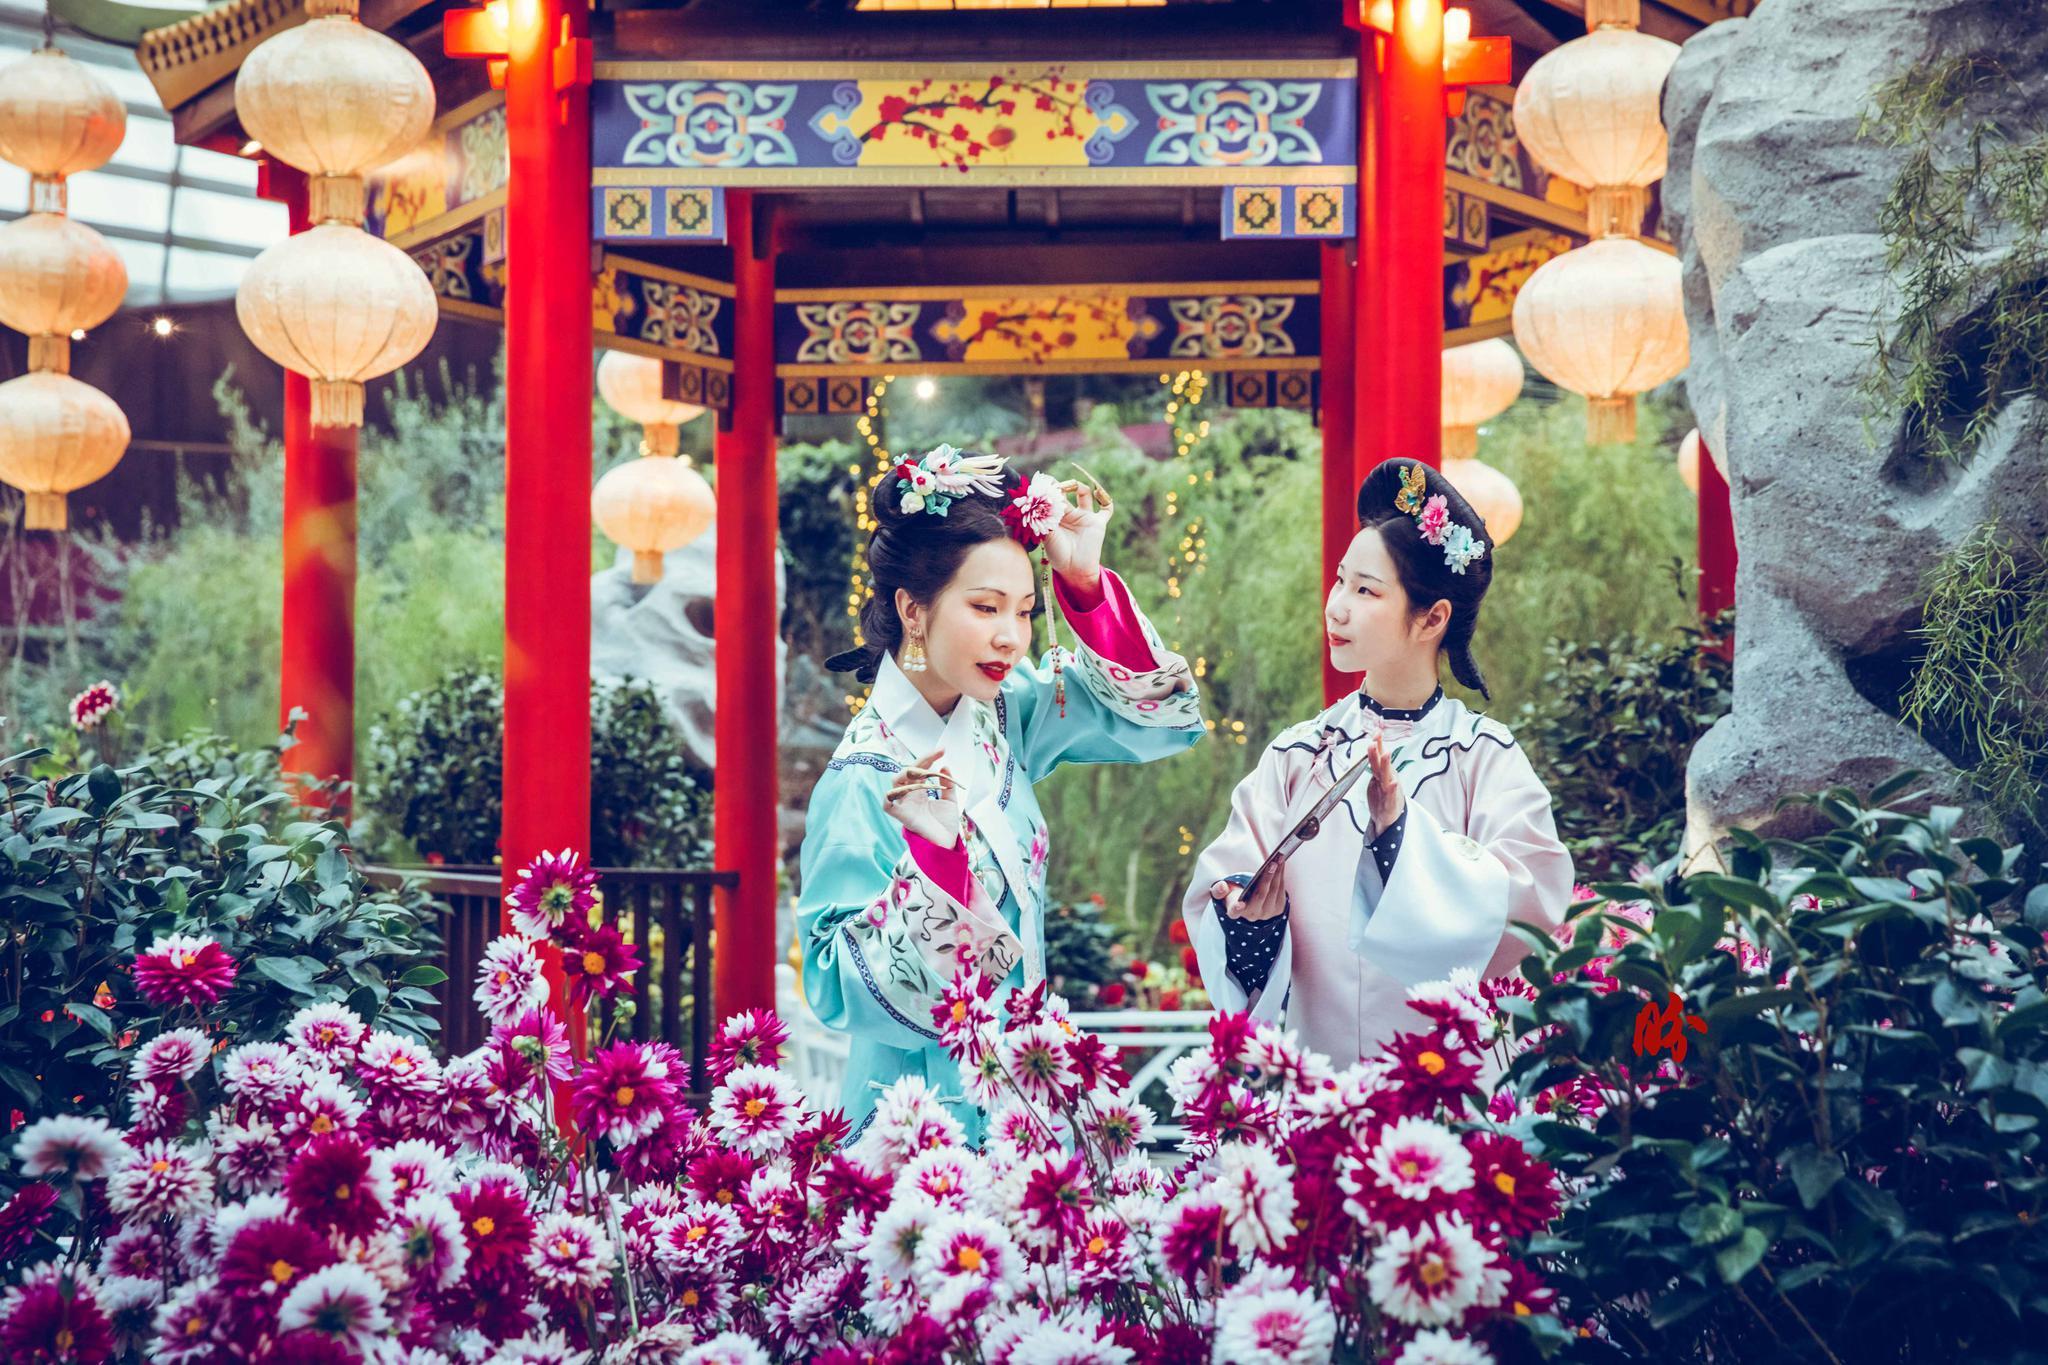 到此一游丨春节赏花好去处,在新加坡逛中式园林图片